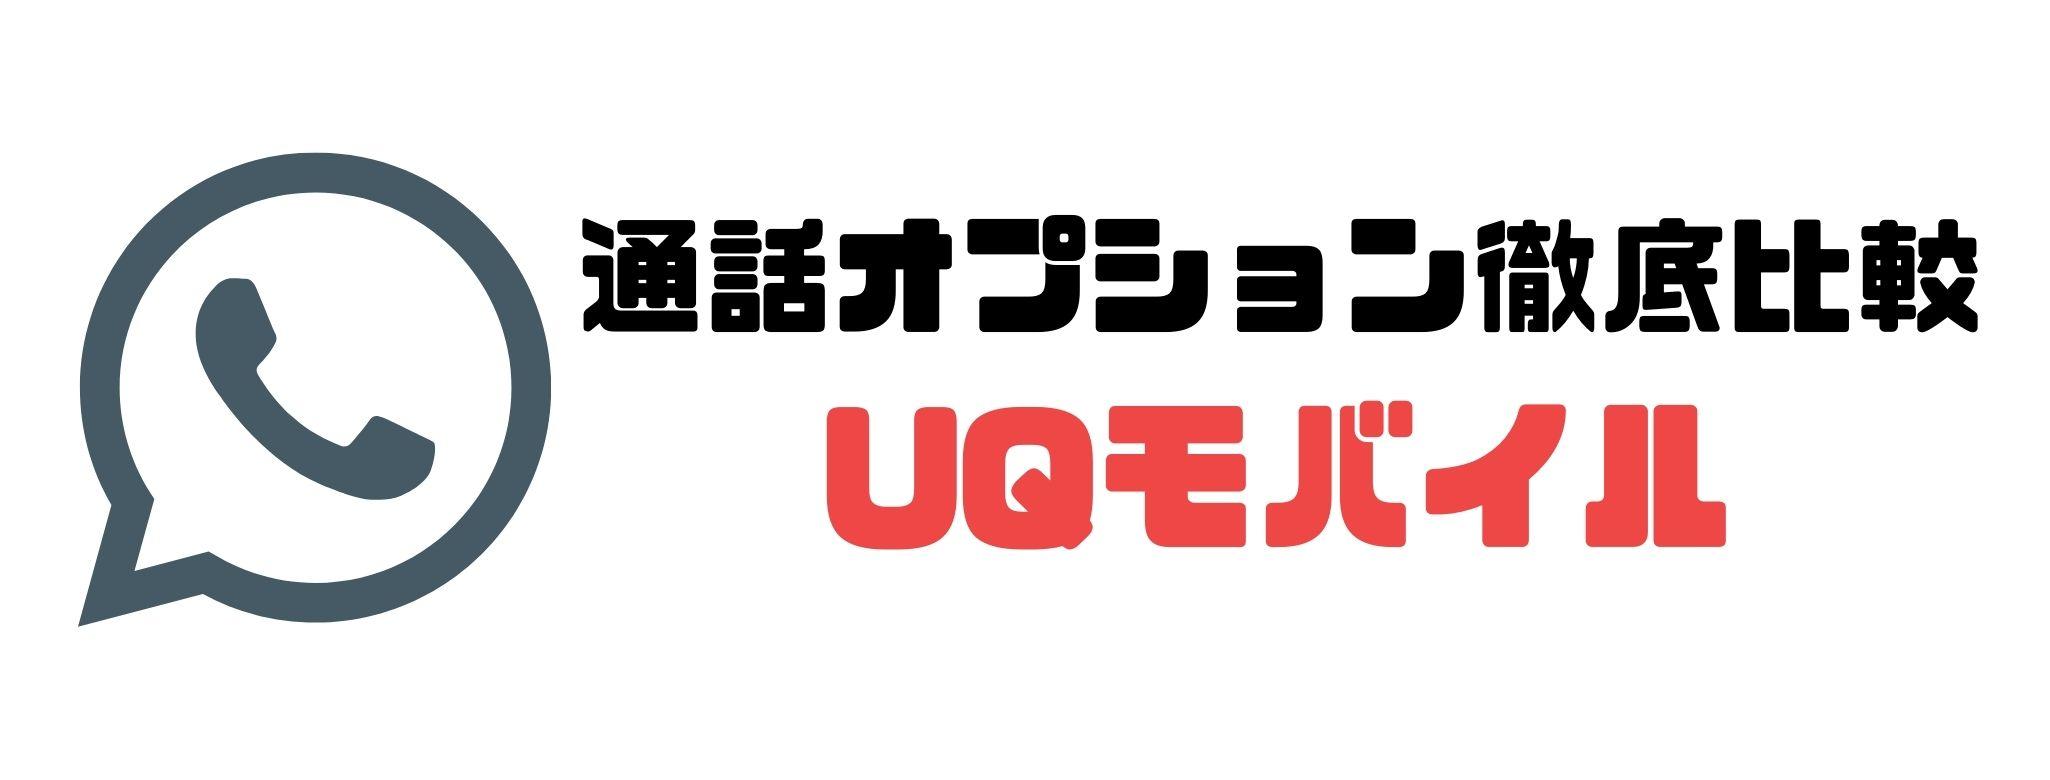 携帯料金_比較_UQモバイルの通話オプション